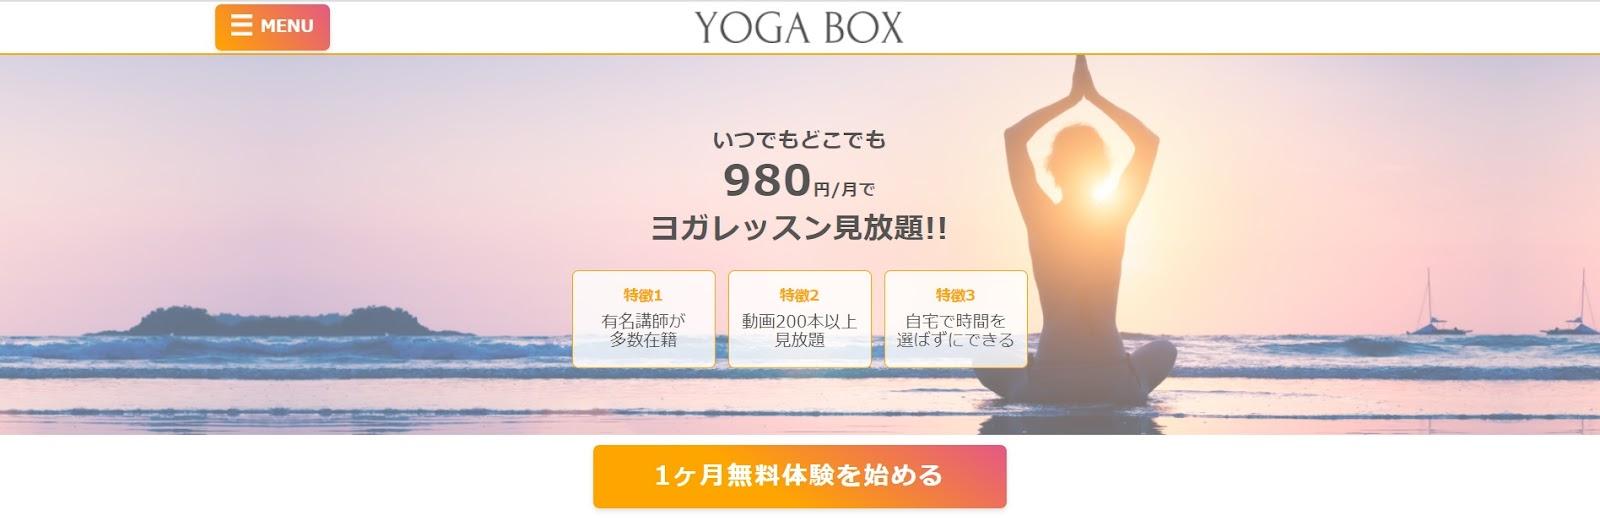 YOGA BOX(ヨガボックス)公式ページ